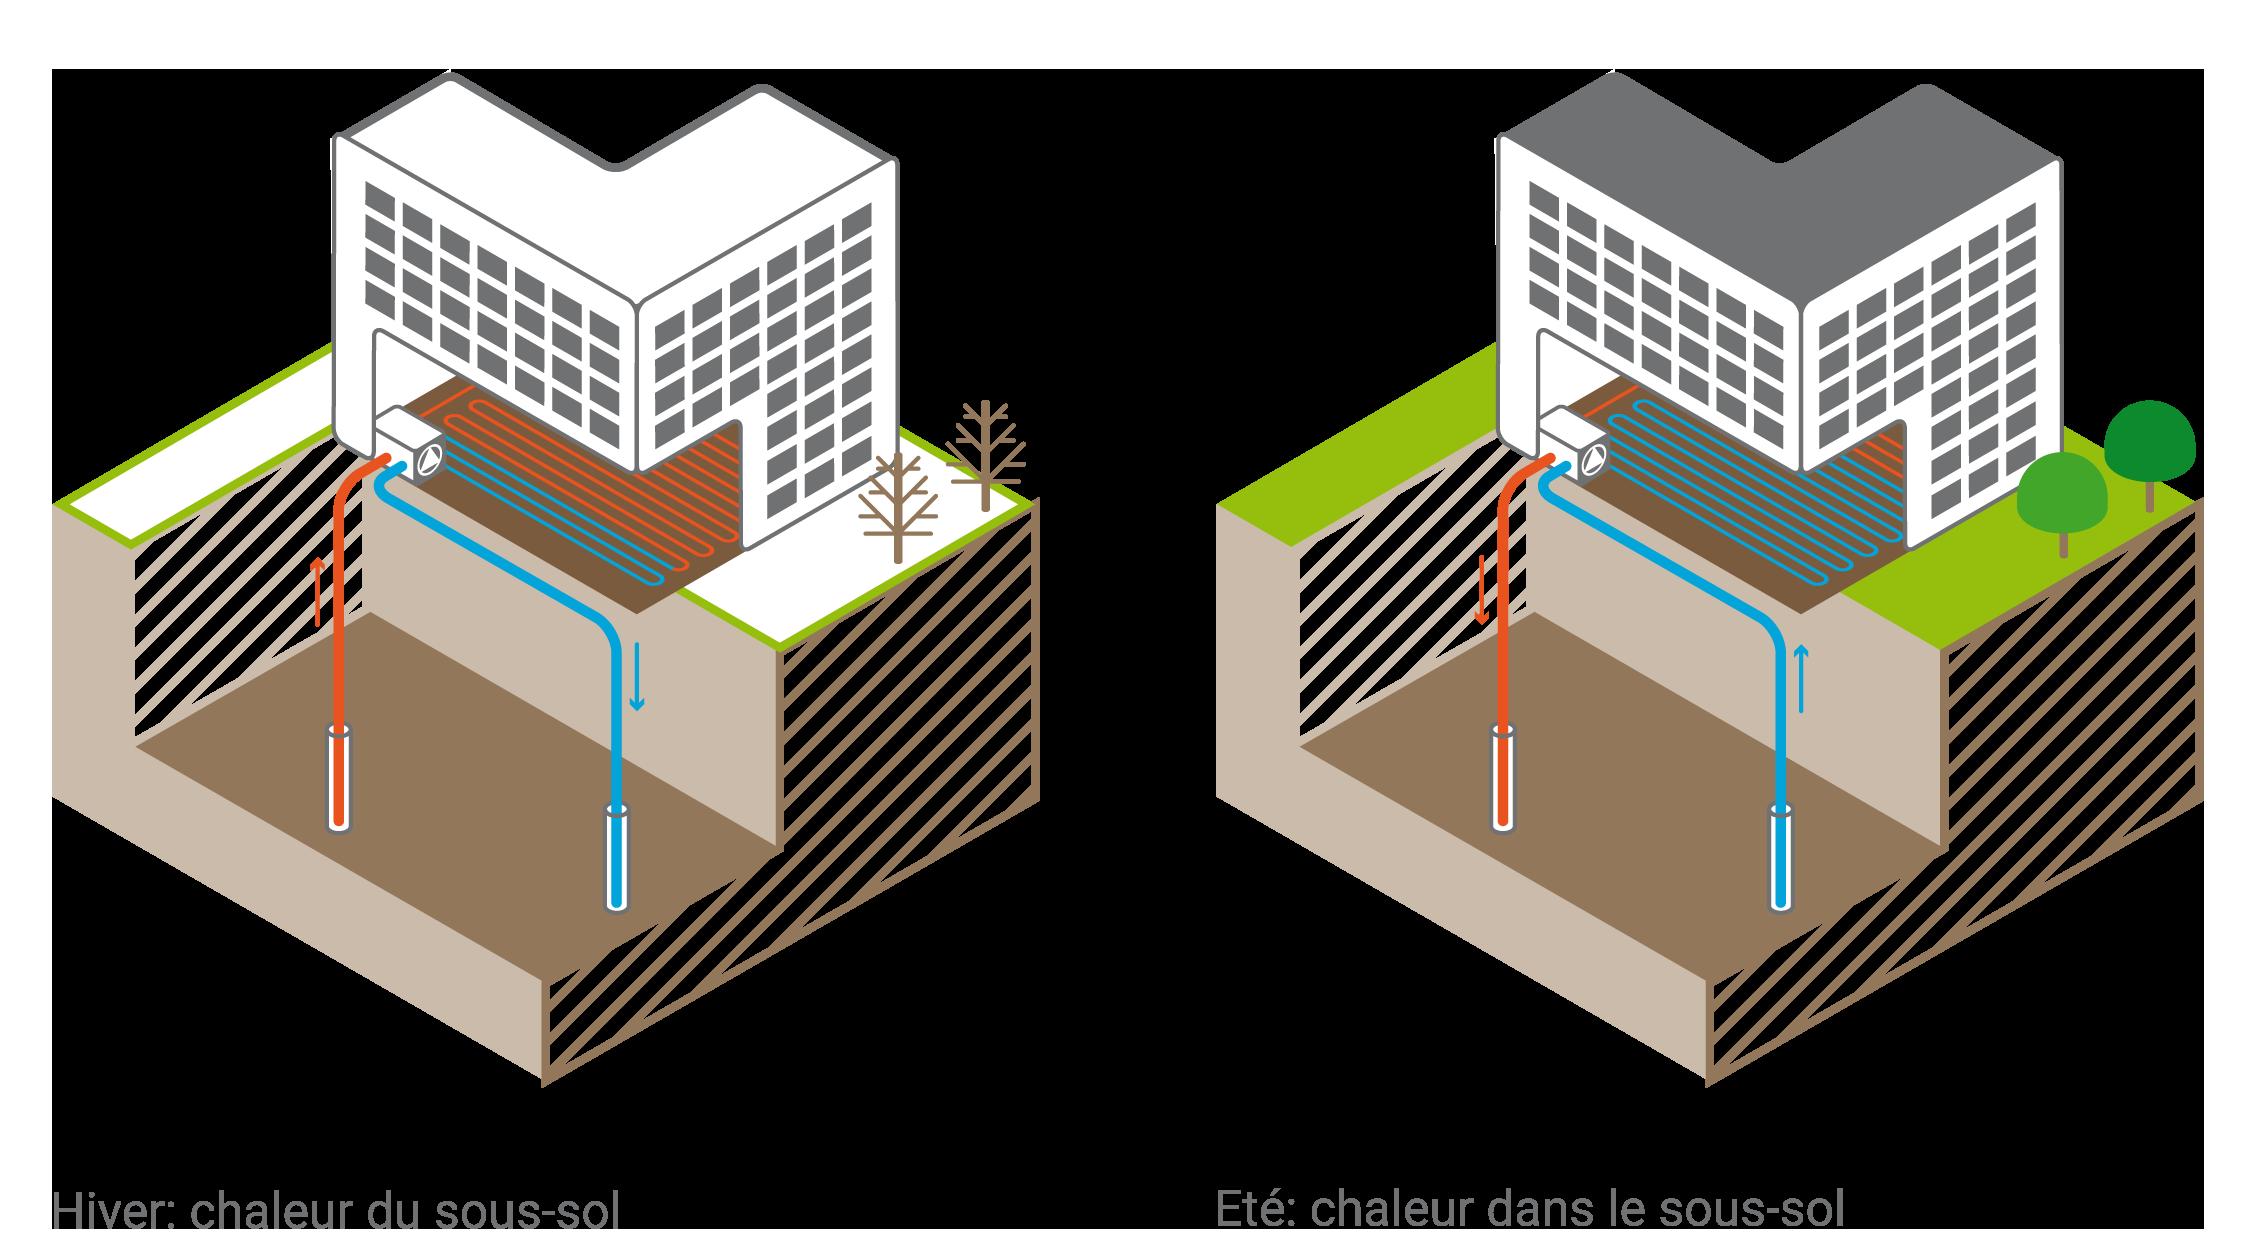 Un atout essentiel de la géothermie en tant qu'énergie renouvelable: chauffer et raîfrachir avec le même systeme. (Source: OFEN)